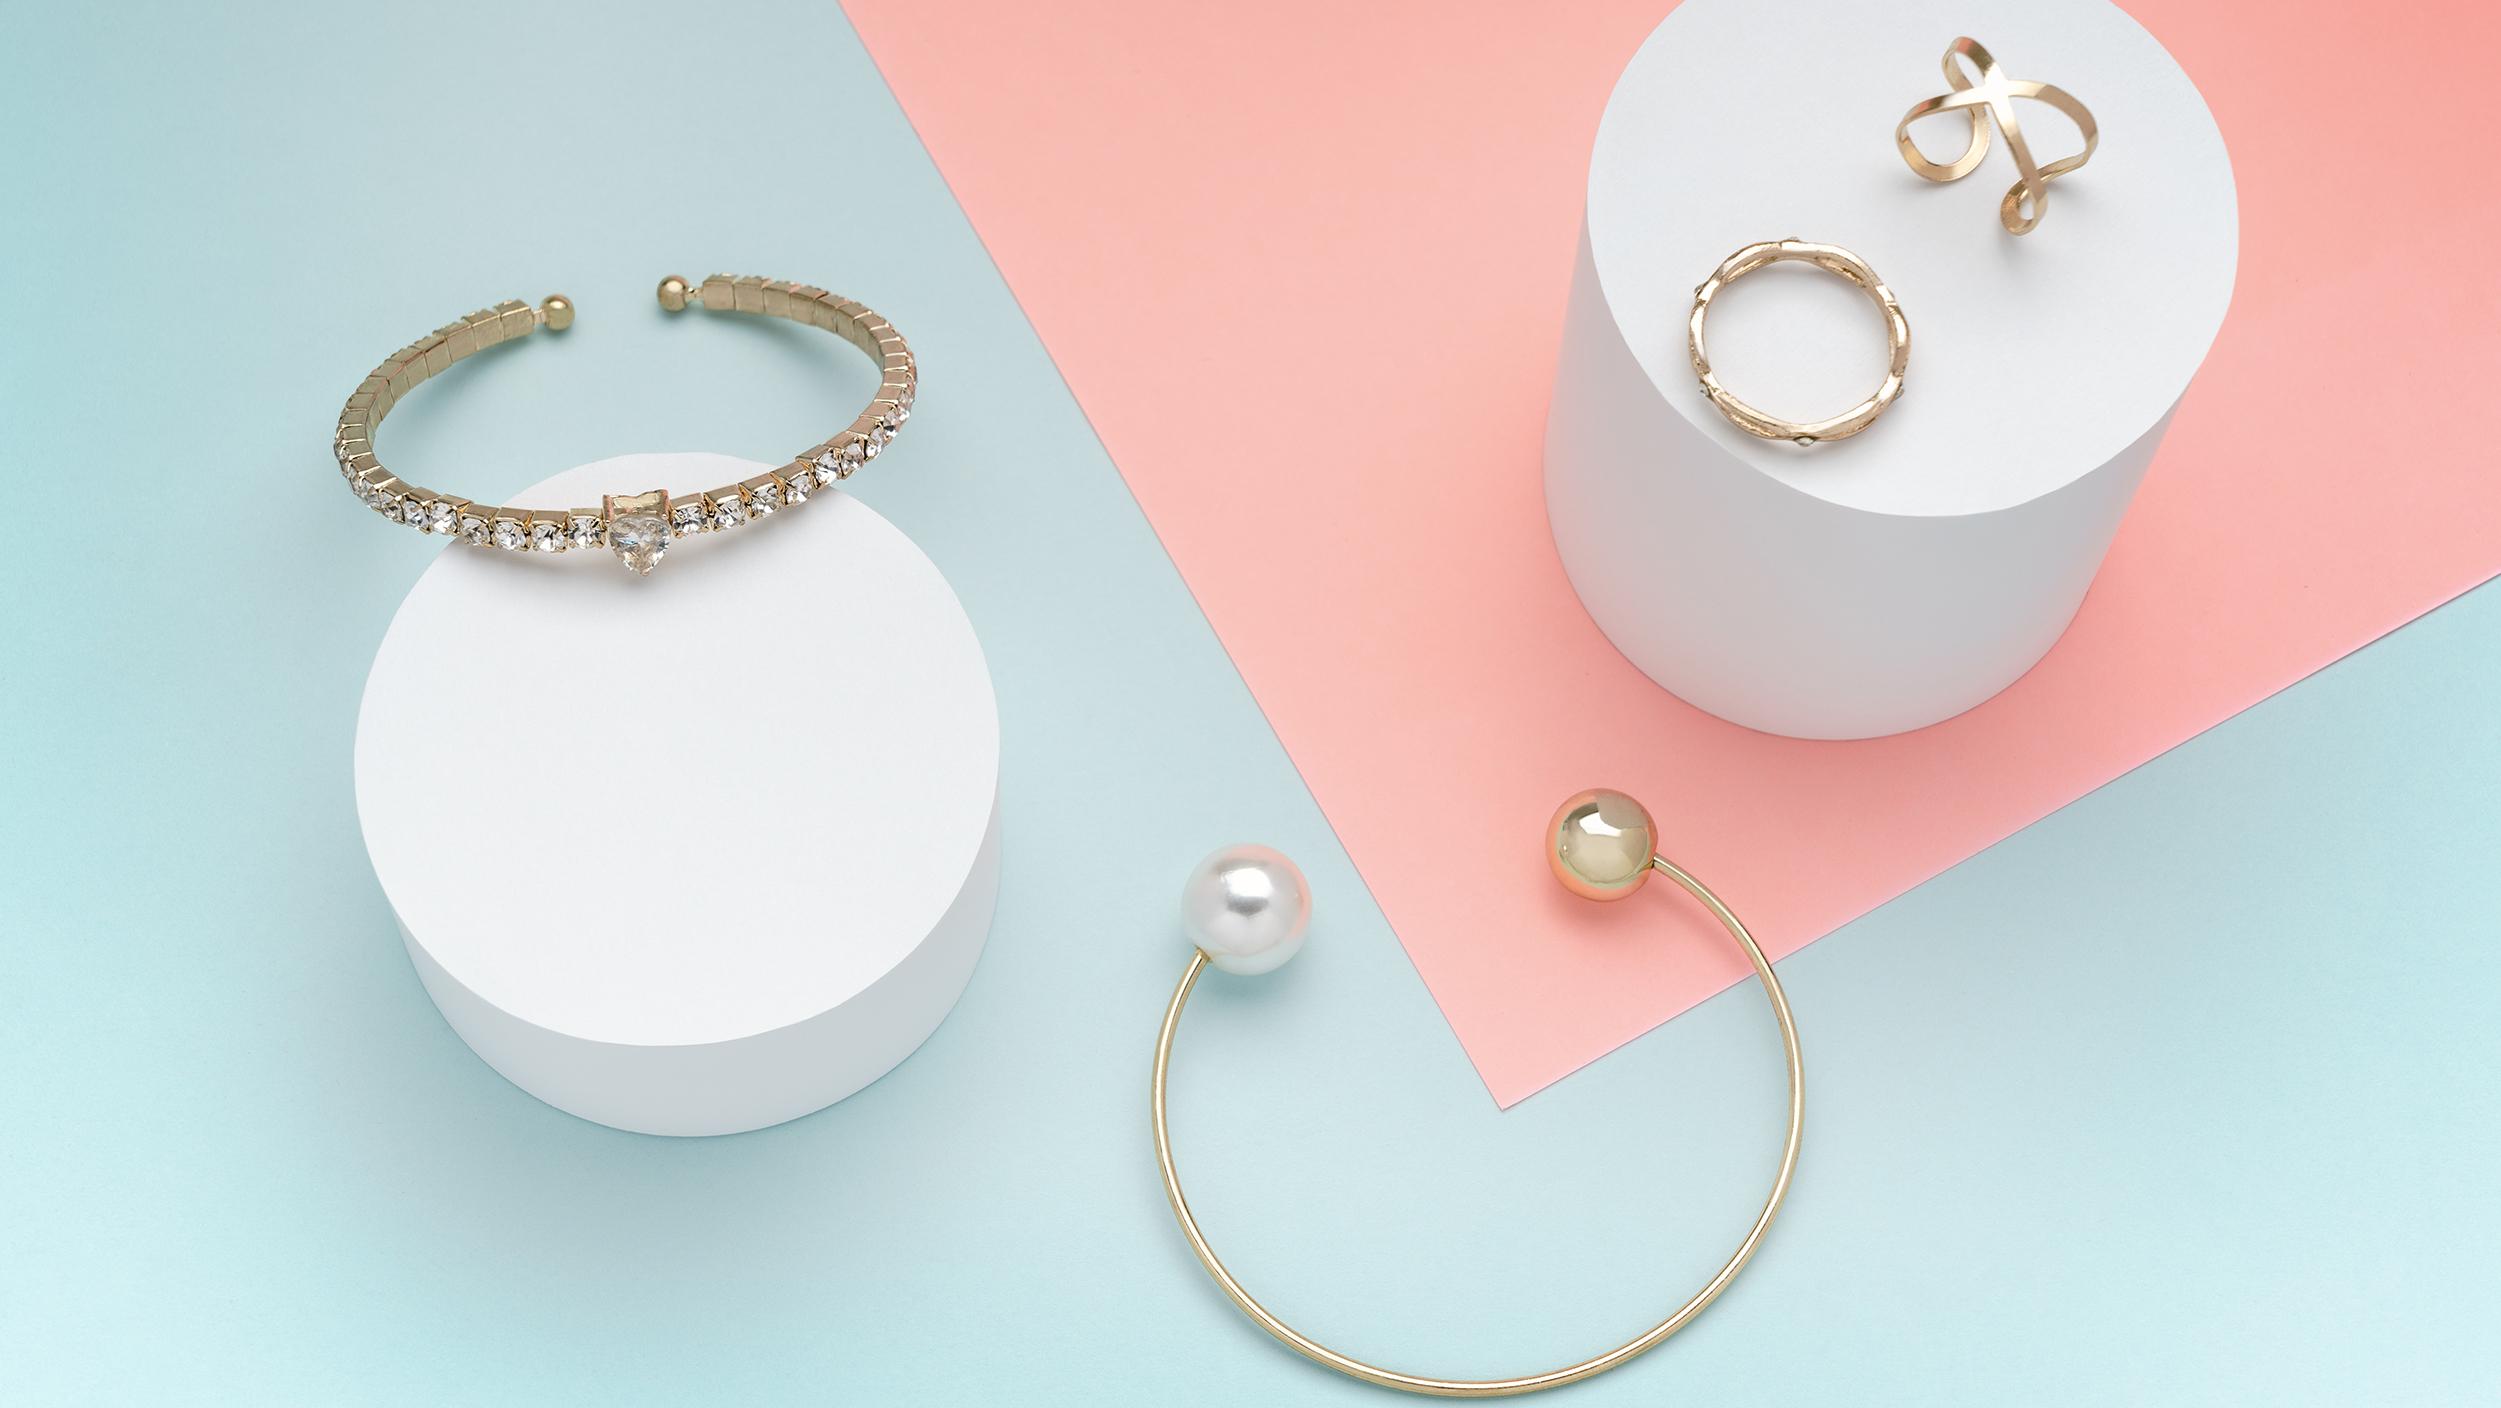 The best jewelry picks under $100   CNN Underscored